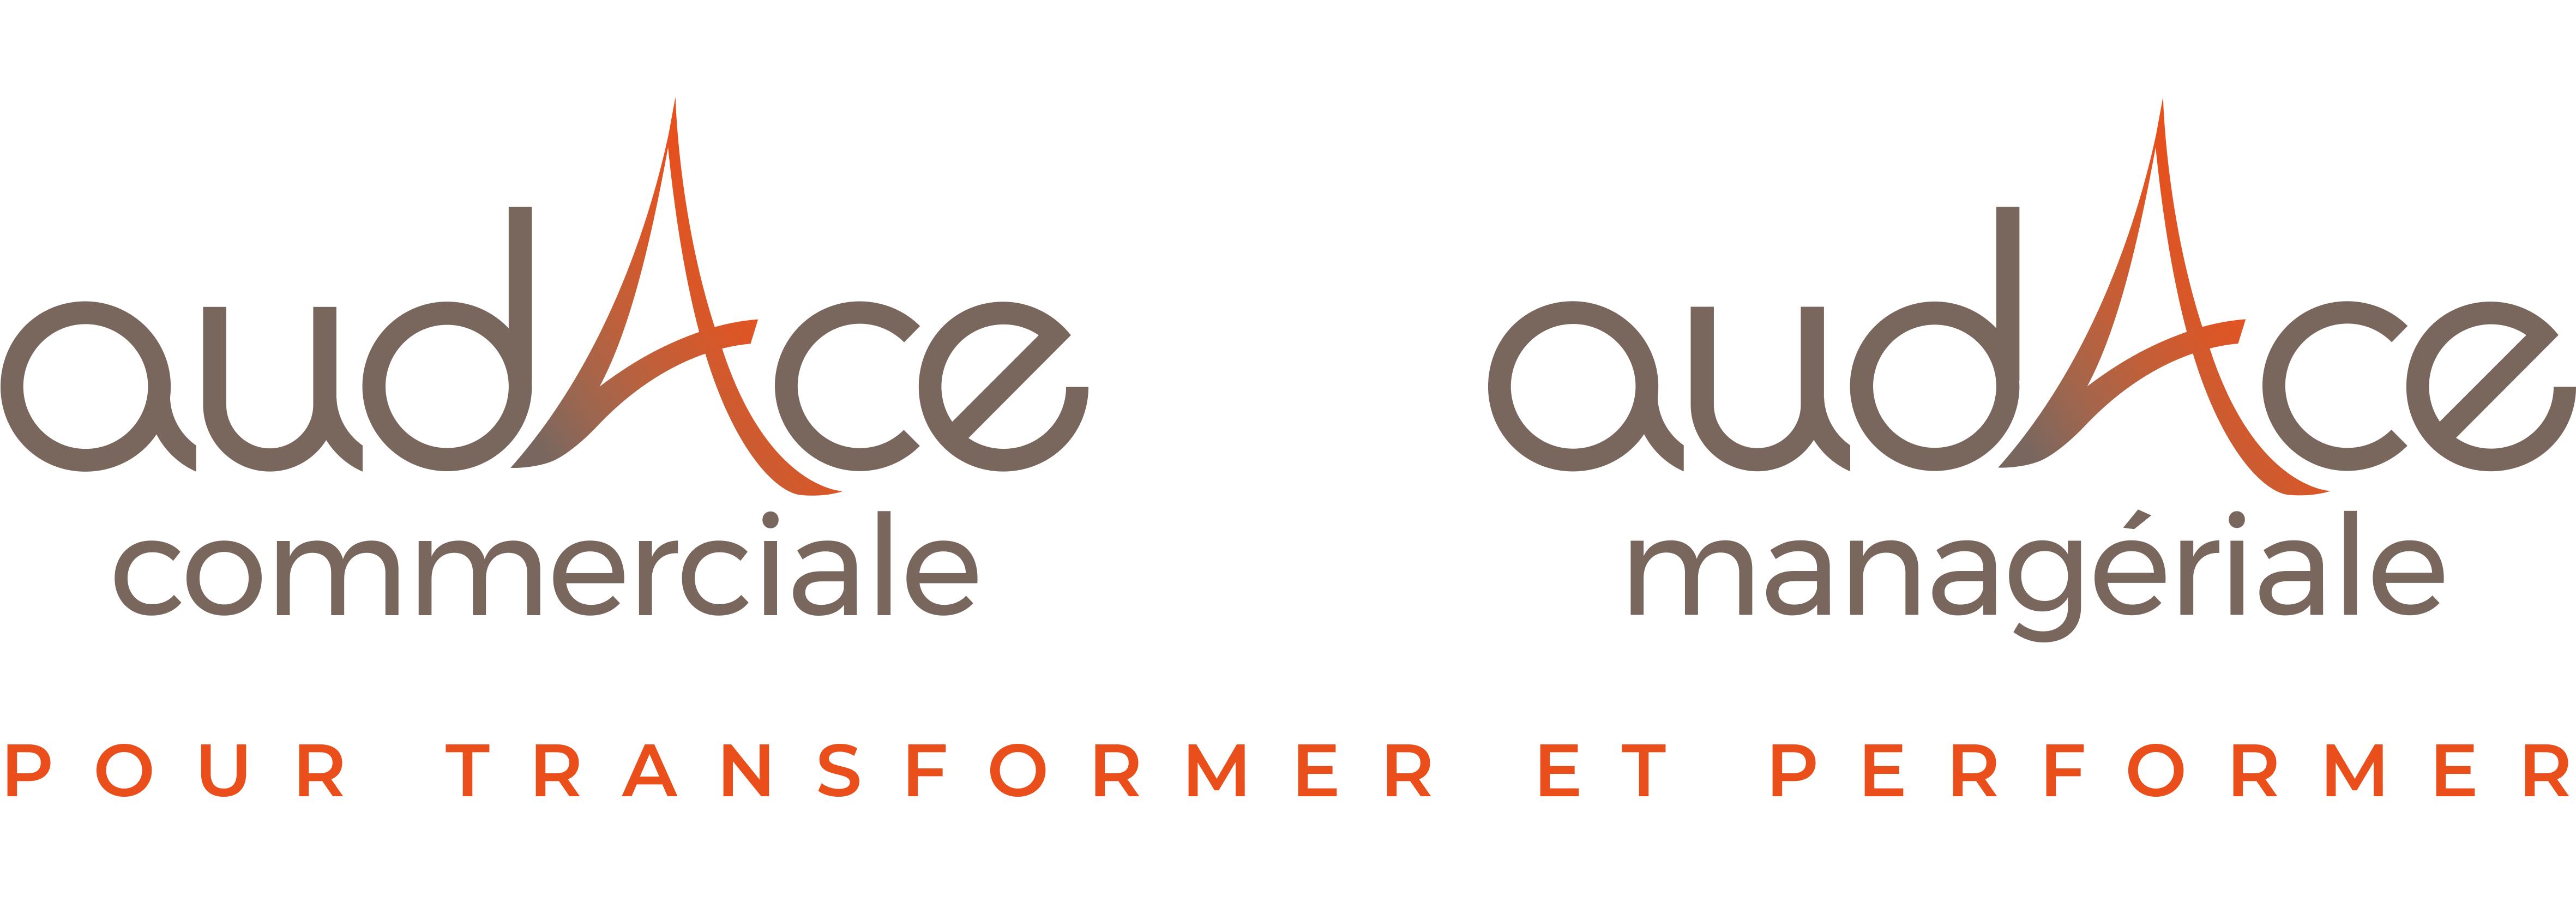 Logos-Audace-Coactance-Audace commerciale